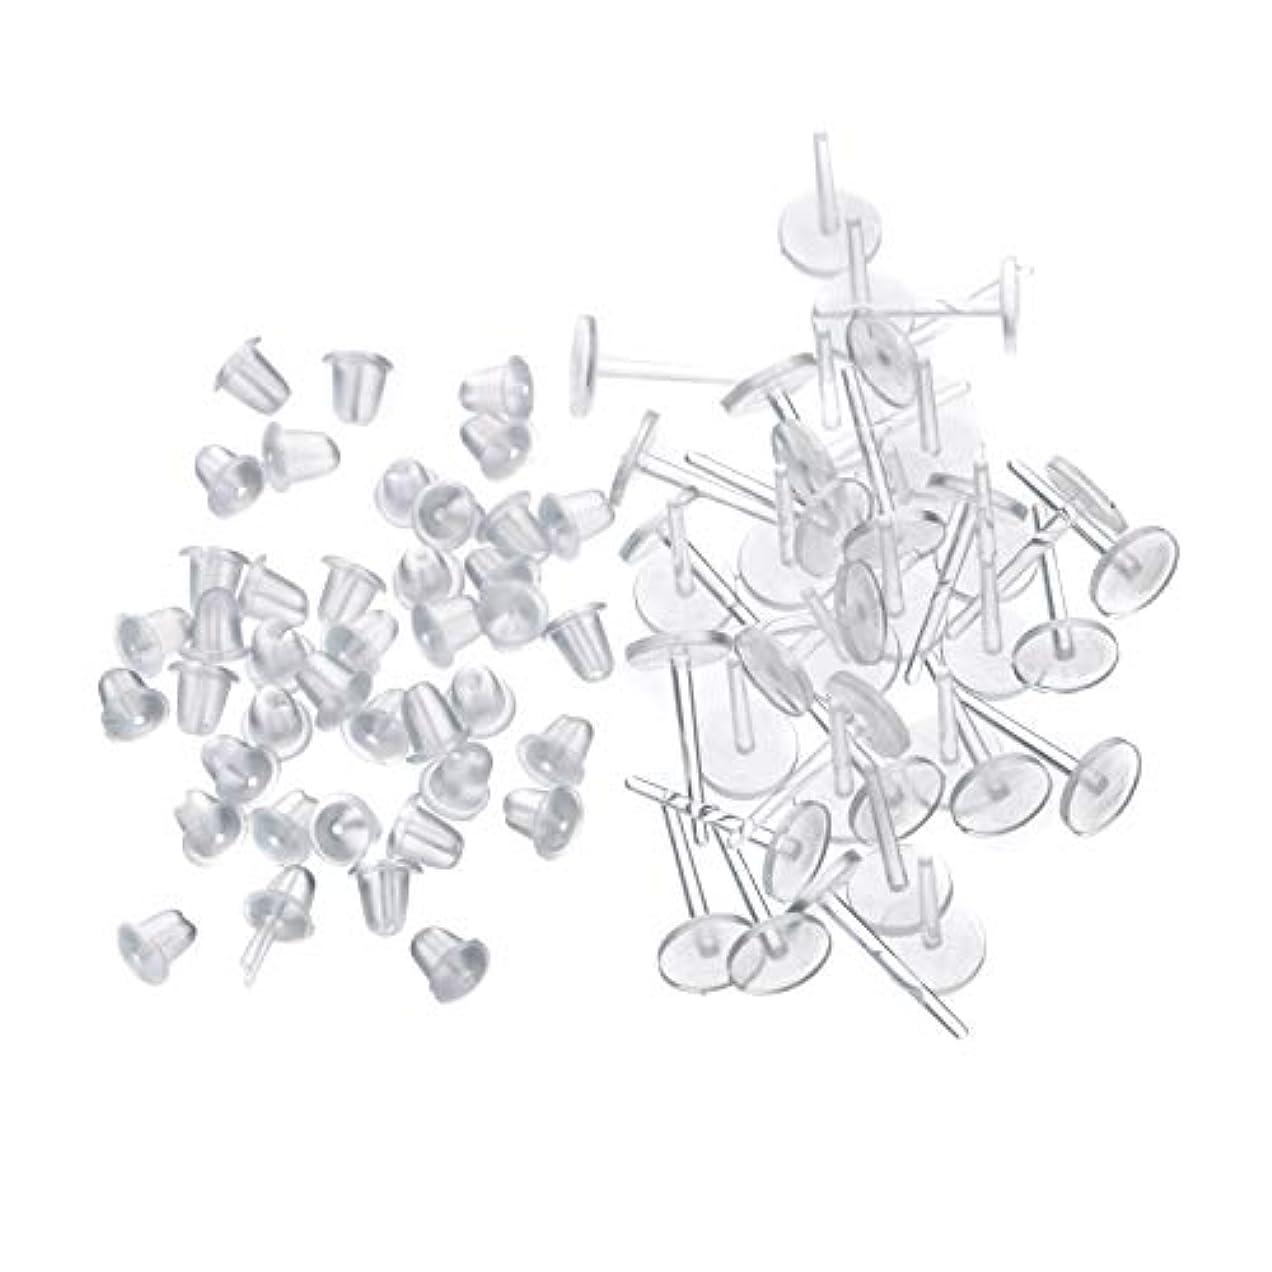 略語大型トラック省略シークレットピアス 樹脂透明ピアス 金属アレルギーフリー ピアスホール維持に最適 (20セット)